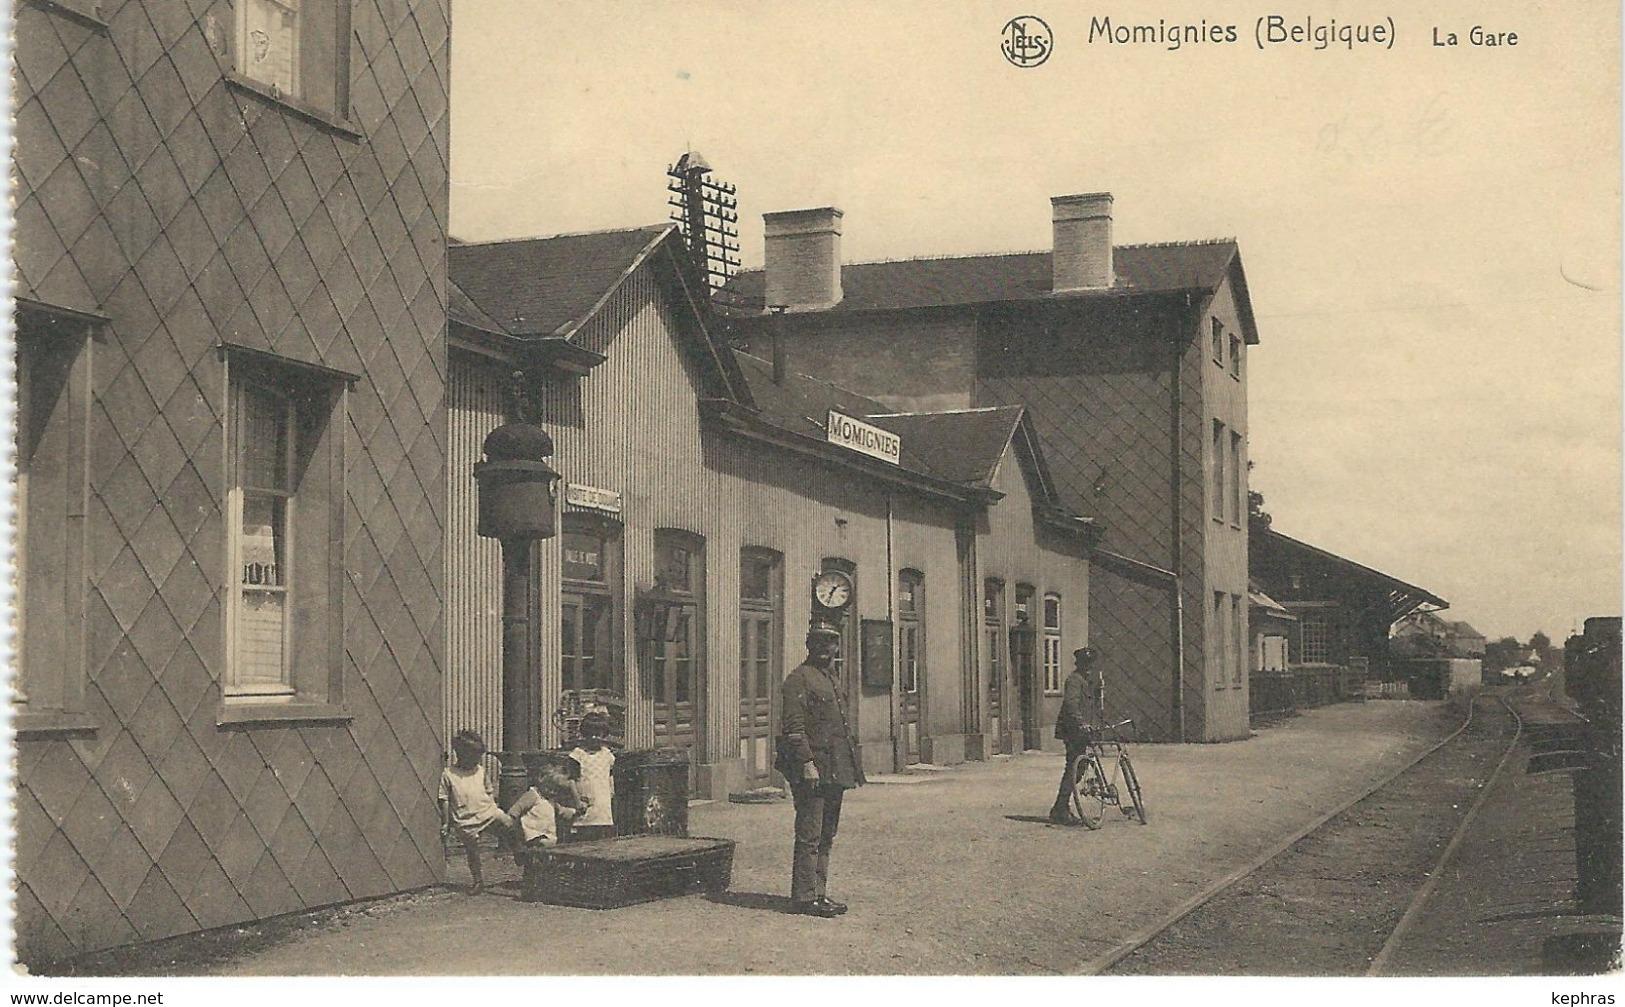 MOMIGNIES : La Gare - Cachet De La Poste 1928 - Momignies